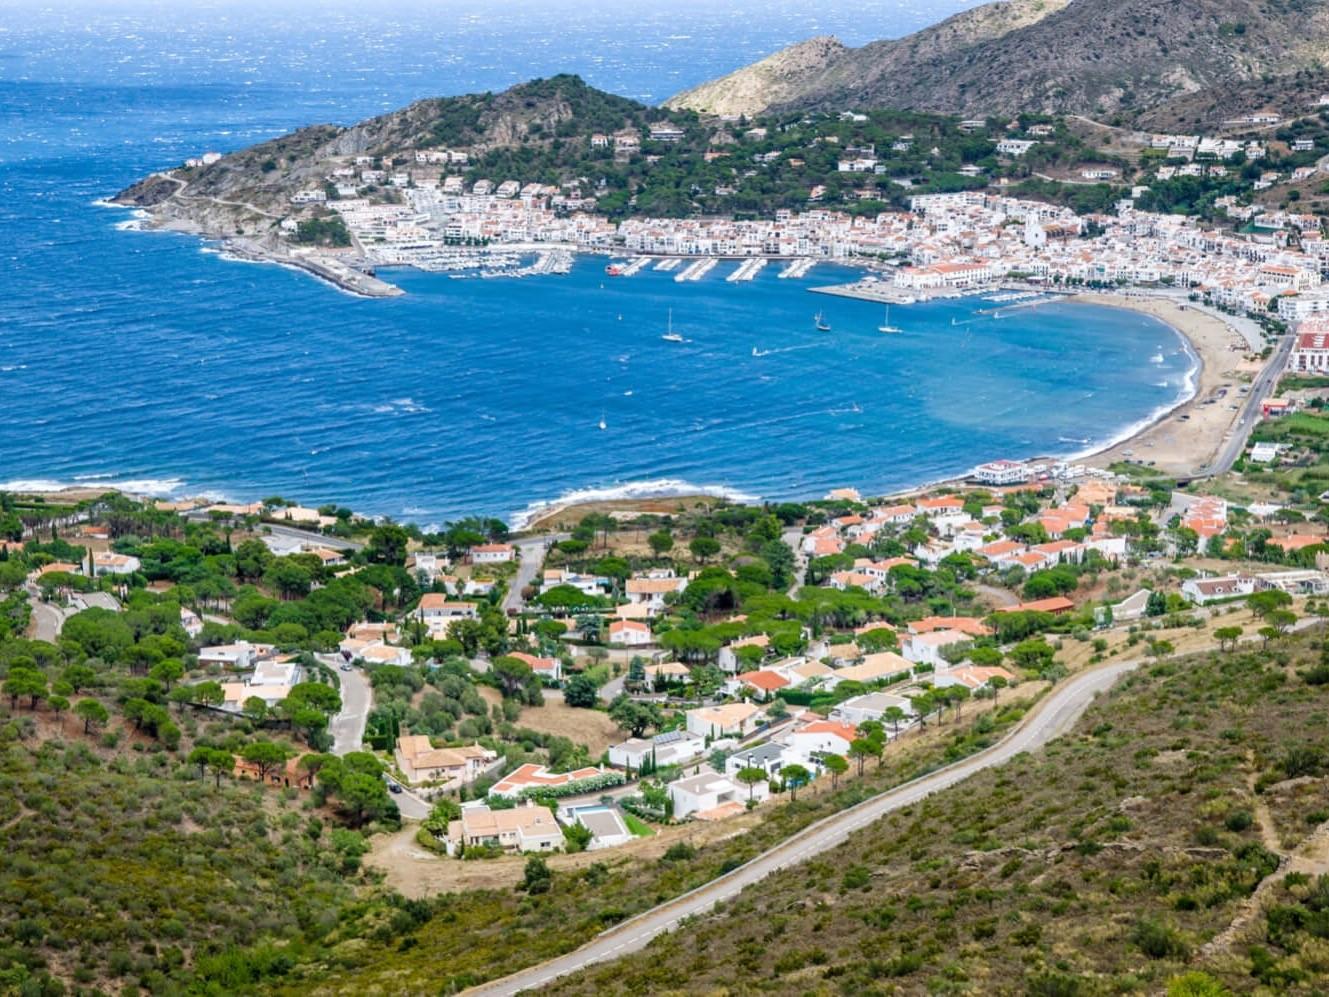 viviendas en la costa